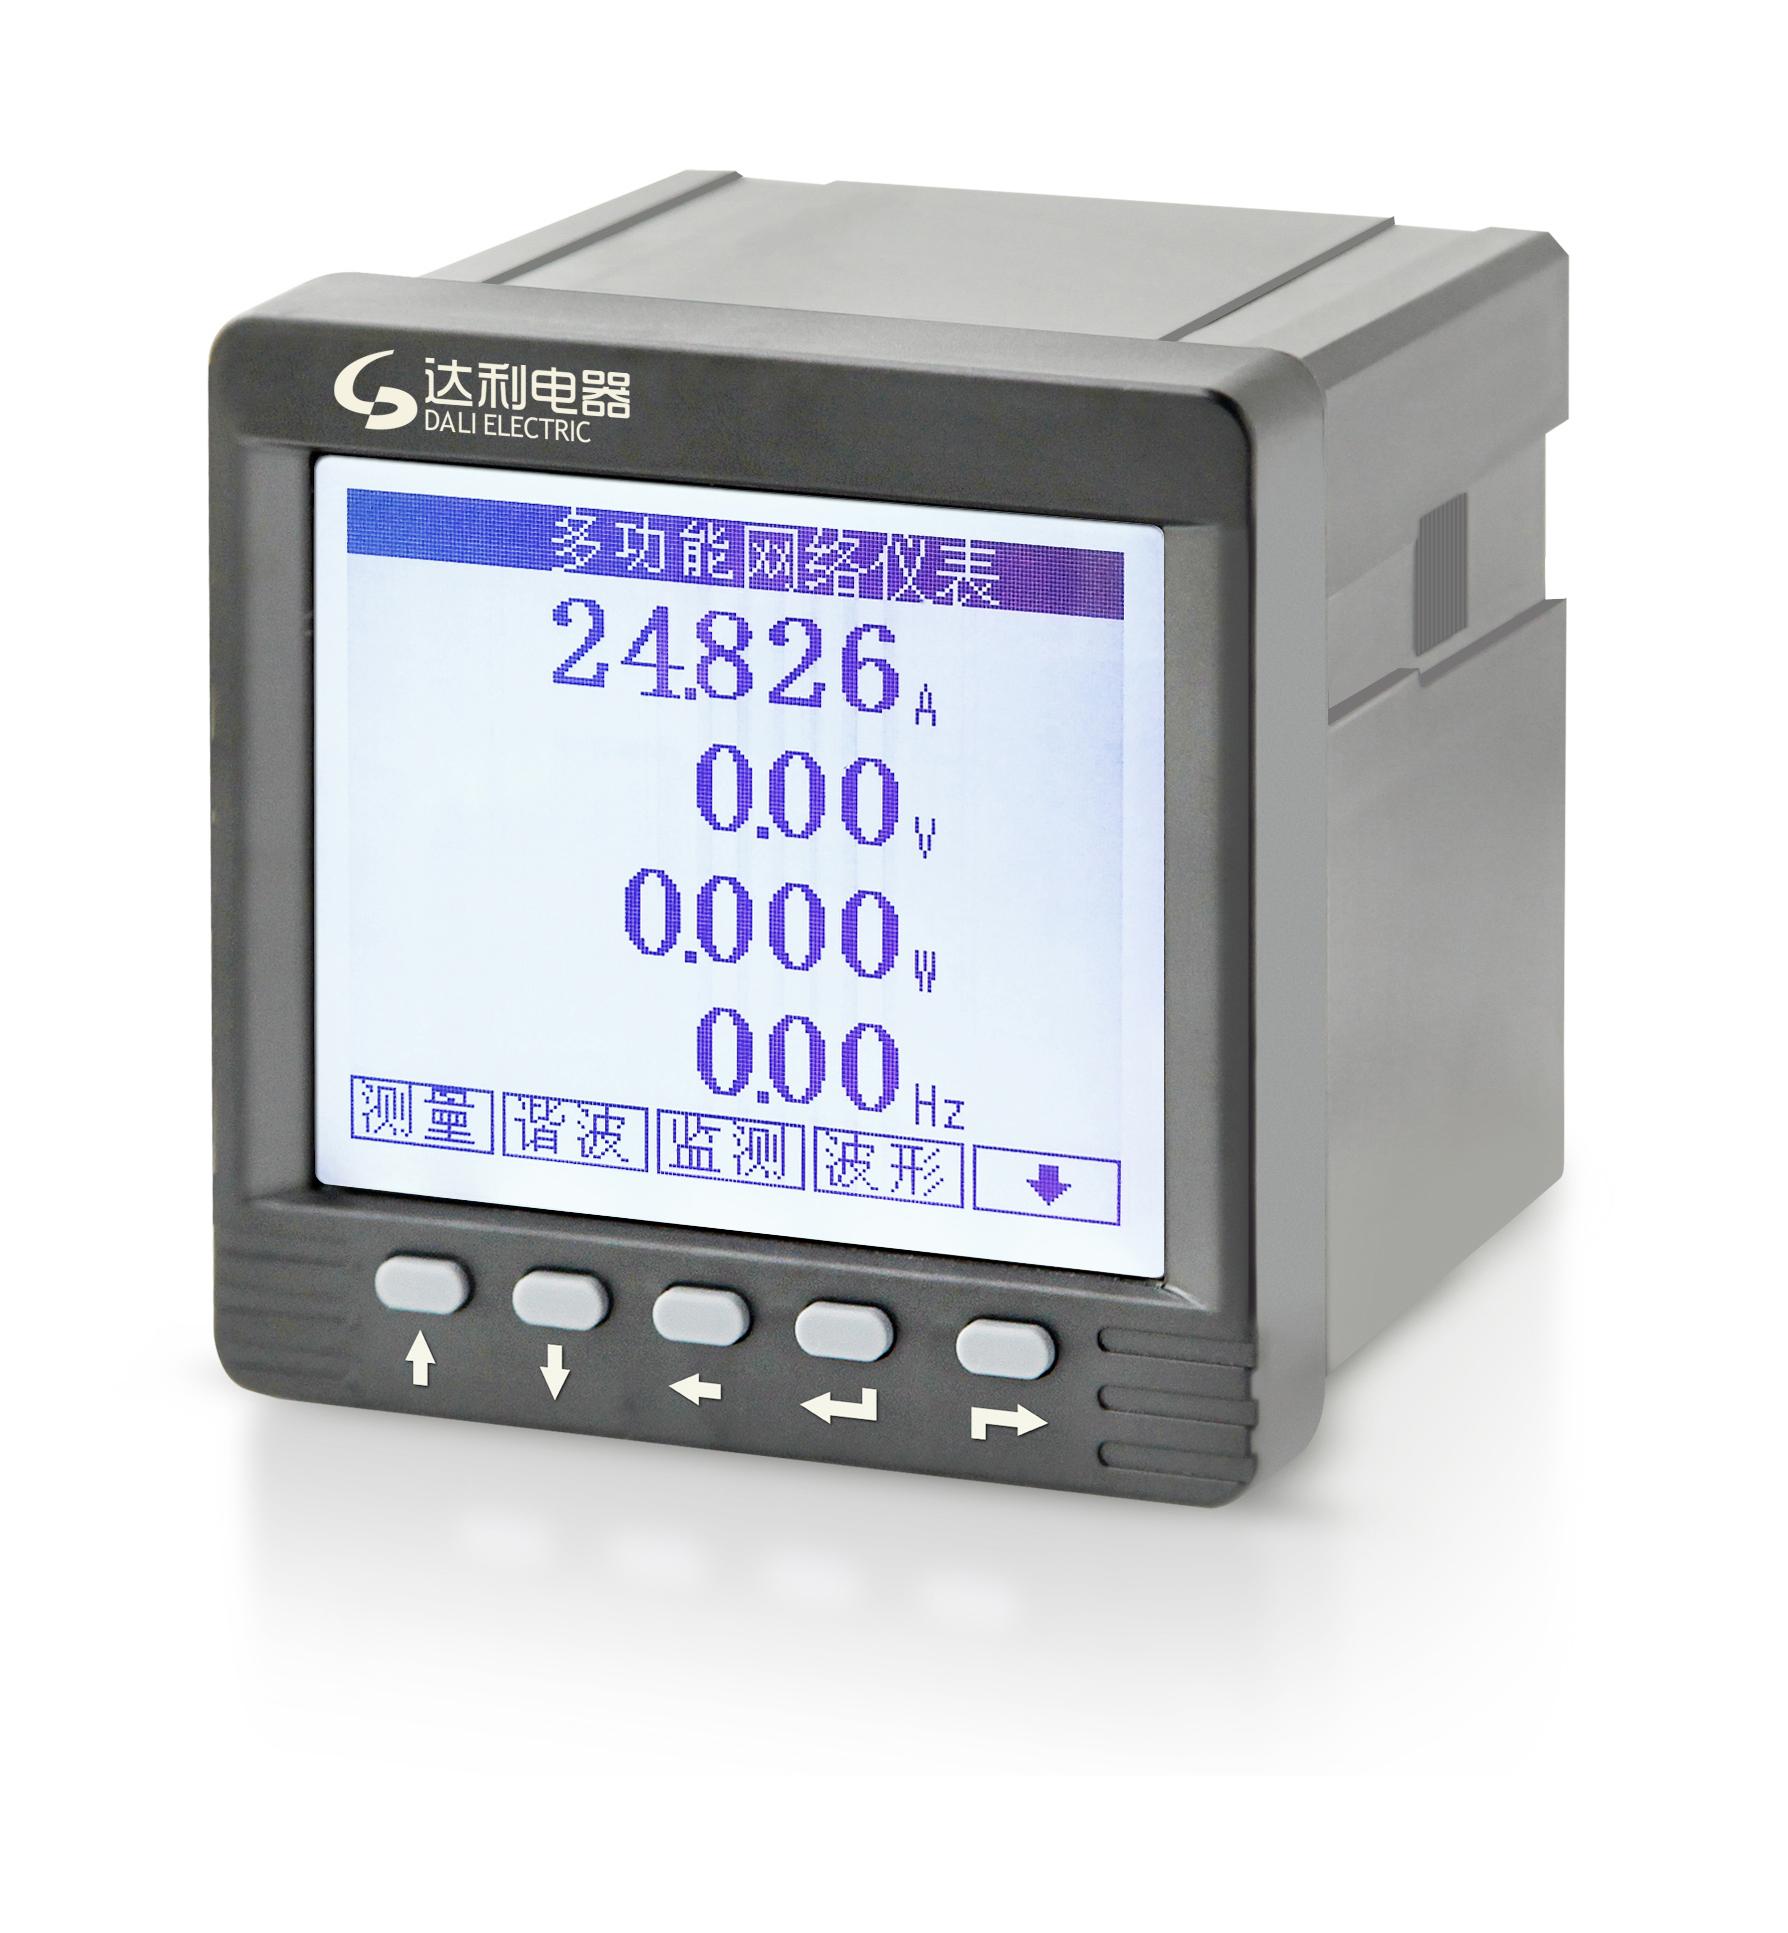 泰安肥城DY22FS364 位置/比例PID调节仪高清图